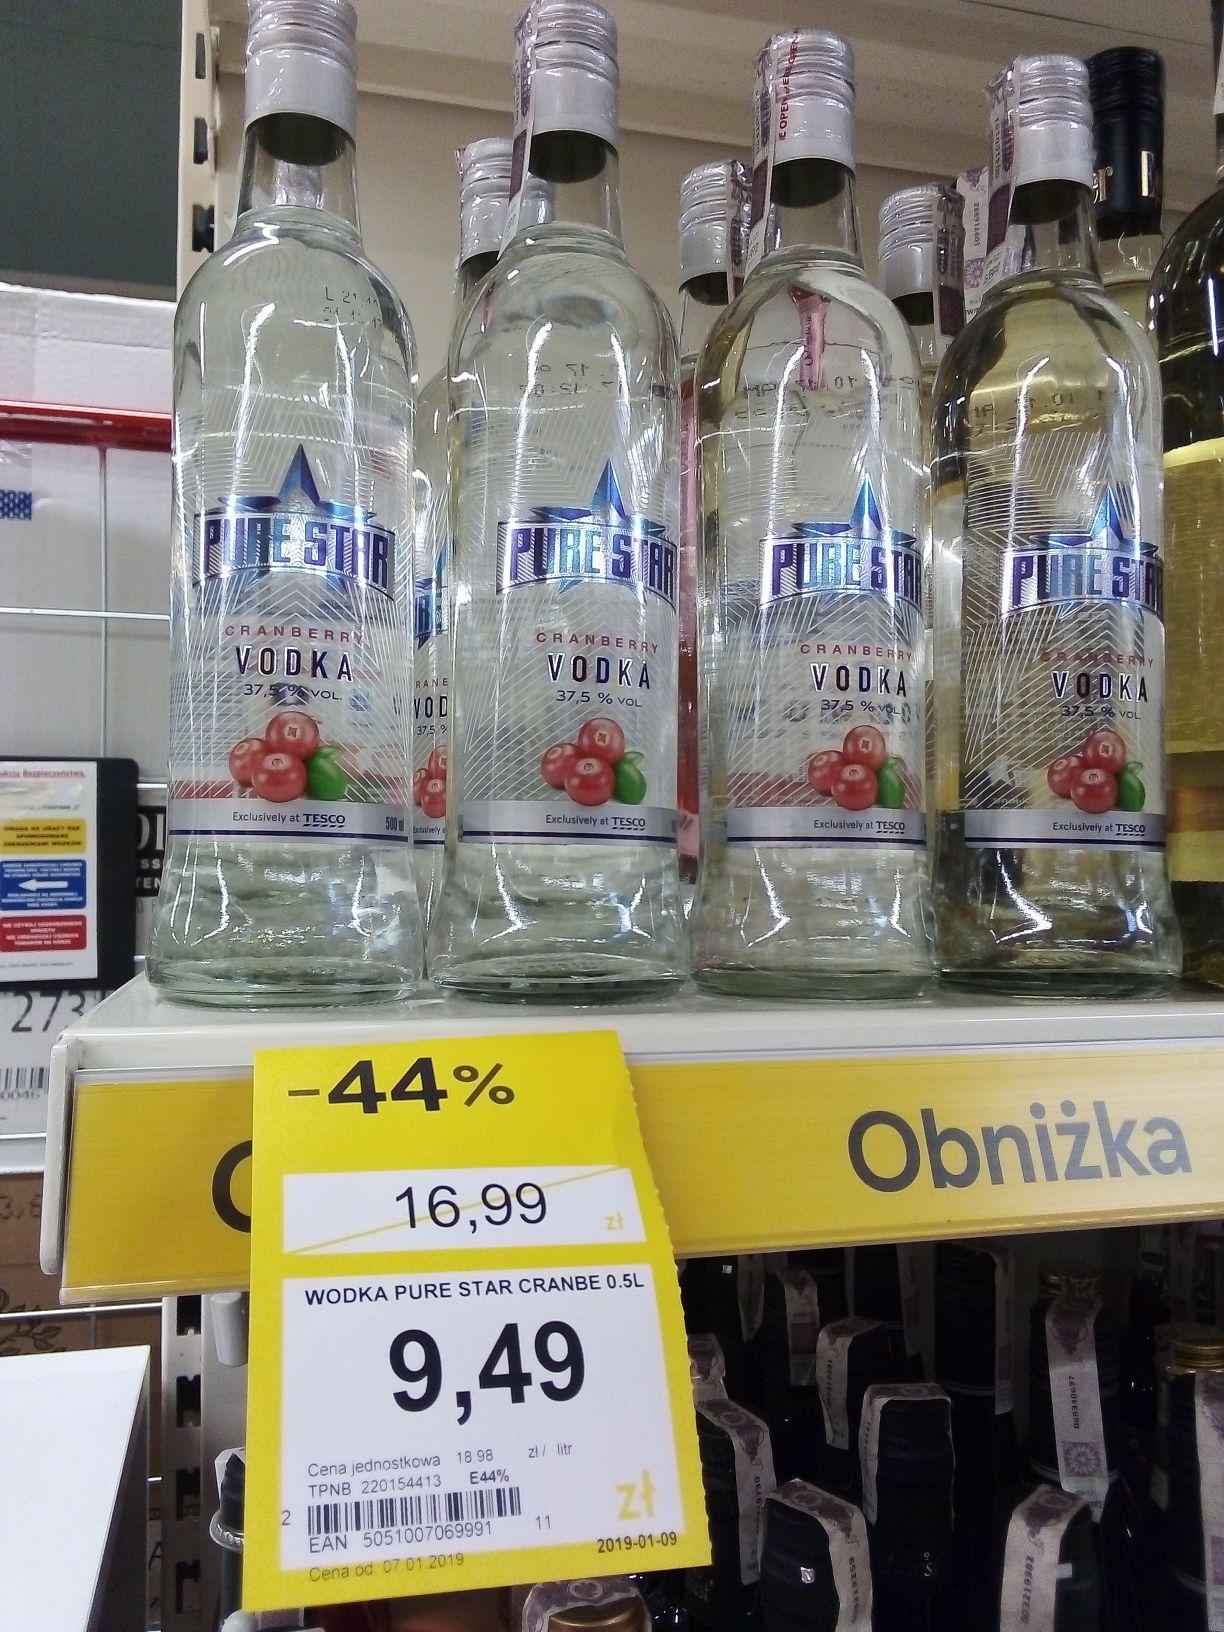 Wódka Pure Star żurawinowa 37,5 % w Tesco